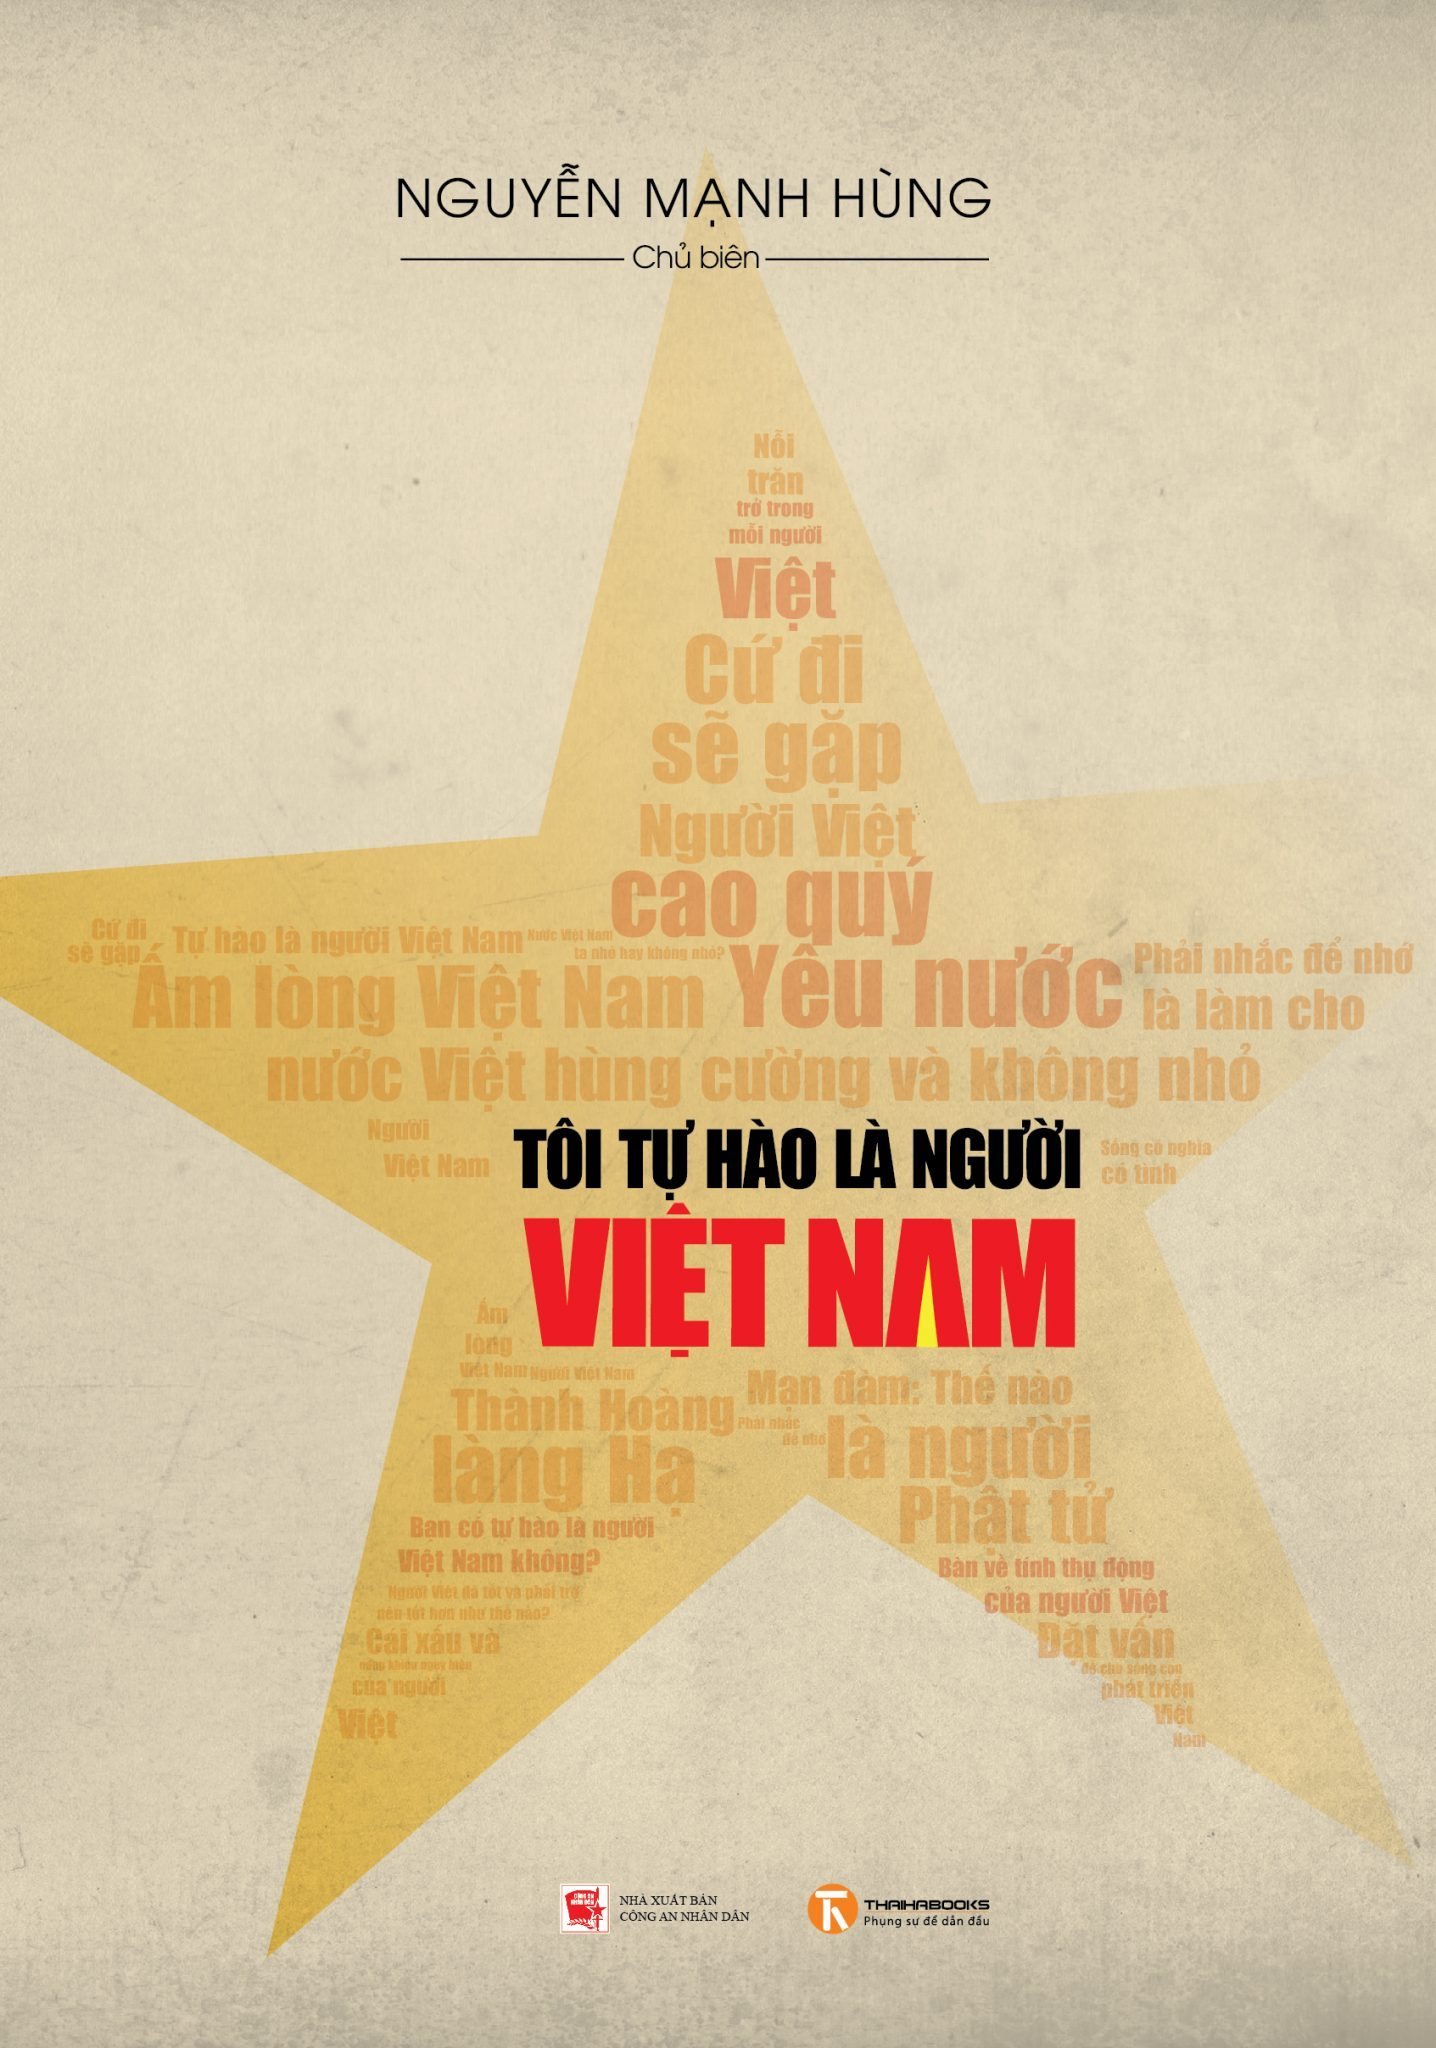 """Sinh viên Học viện Cảnh sát với văn hóa đọc: """"Tôi tự hào là người Việt Nam"""""""